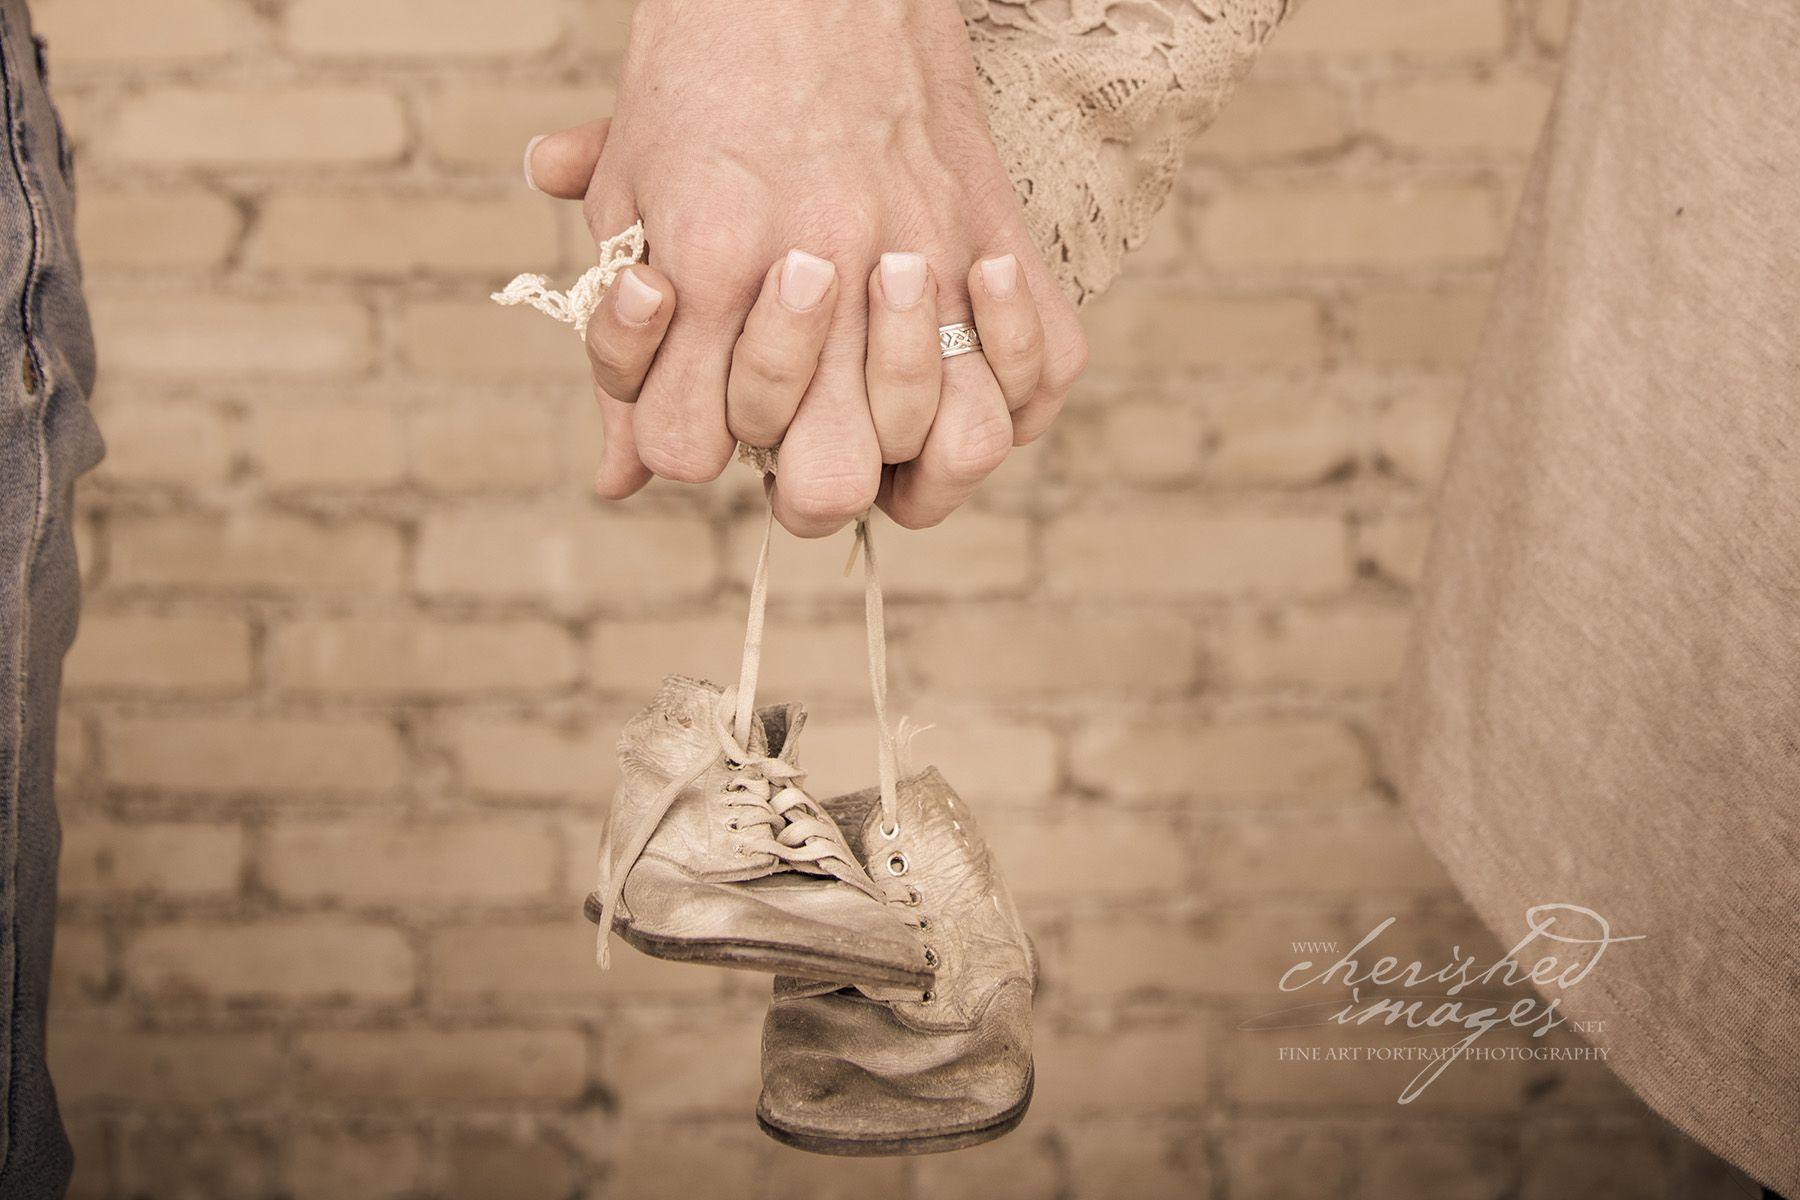 Cherished Images Newborn Baby Photographer photographs couple holding baby shoes